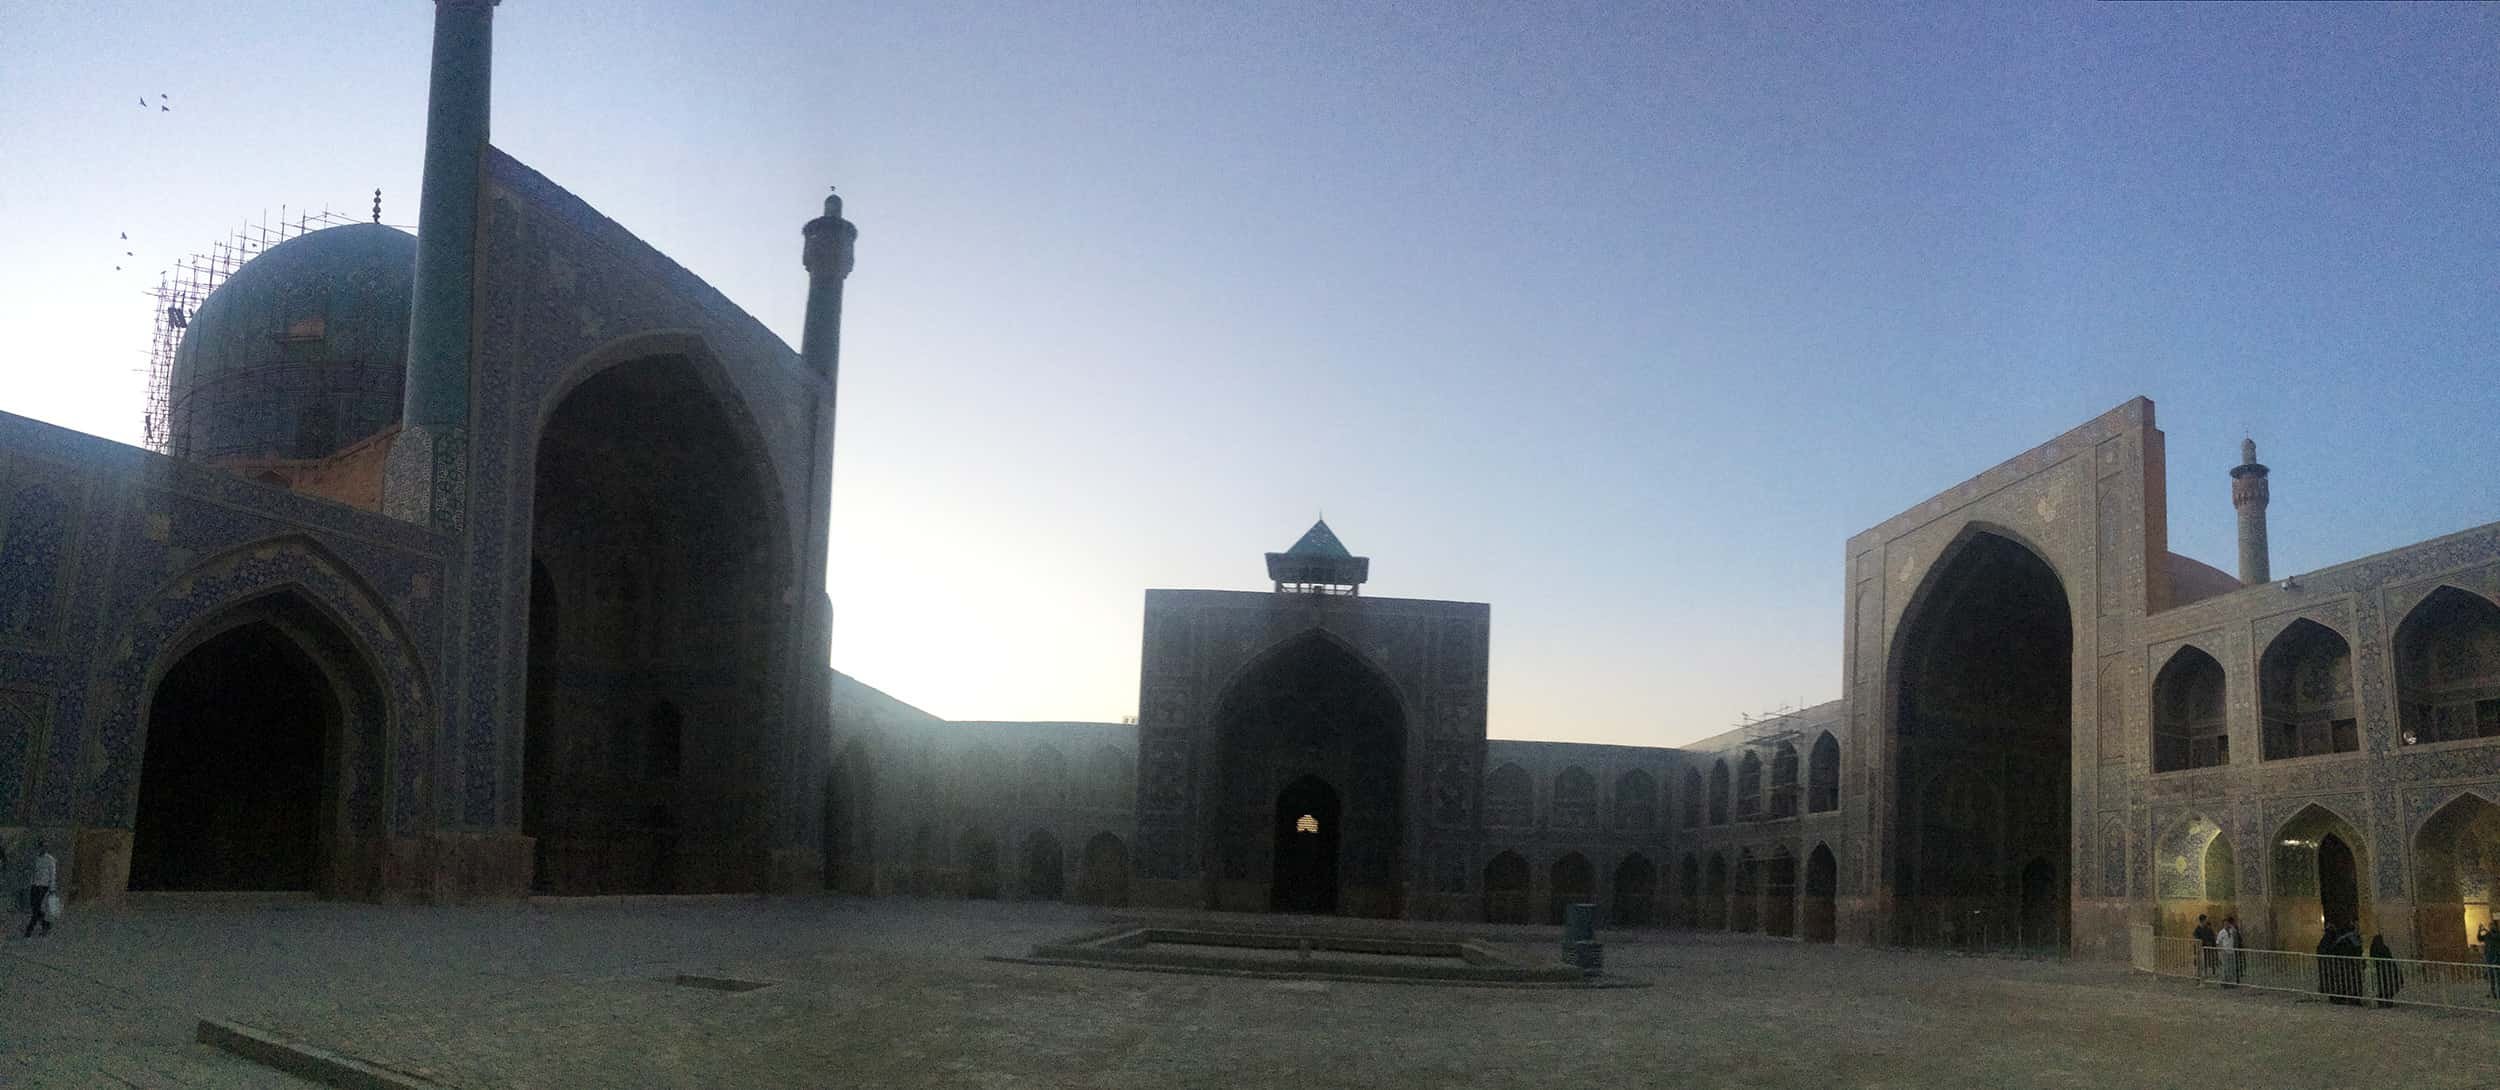 Ісфахан. Мечеть зсередини. Фото 2